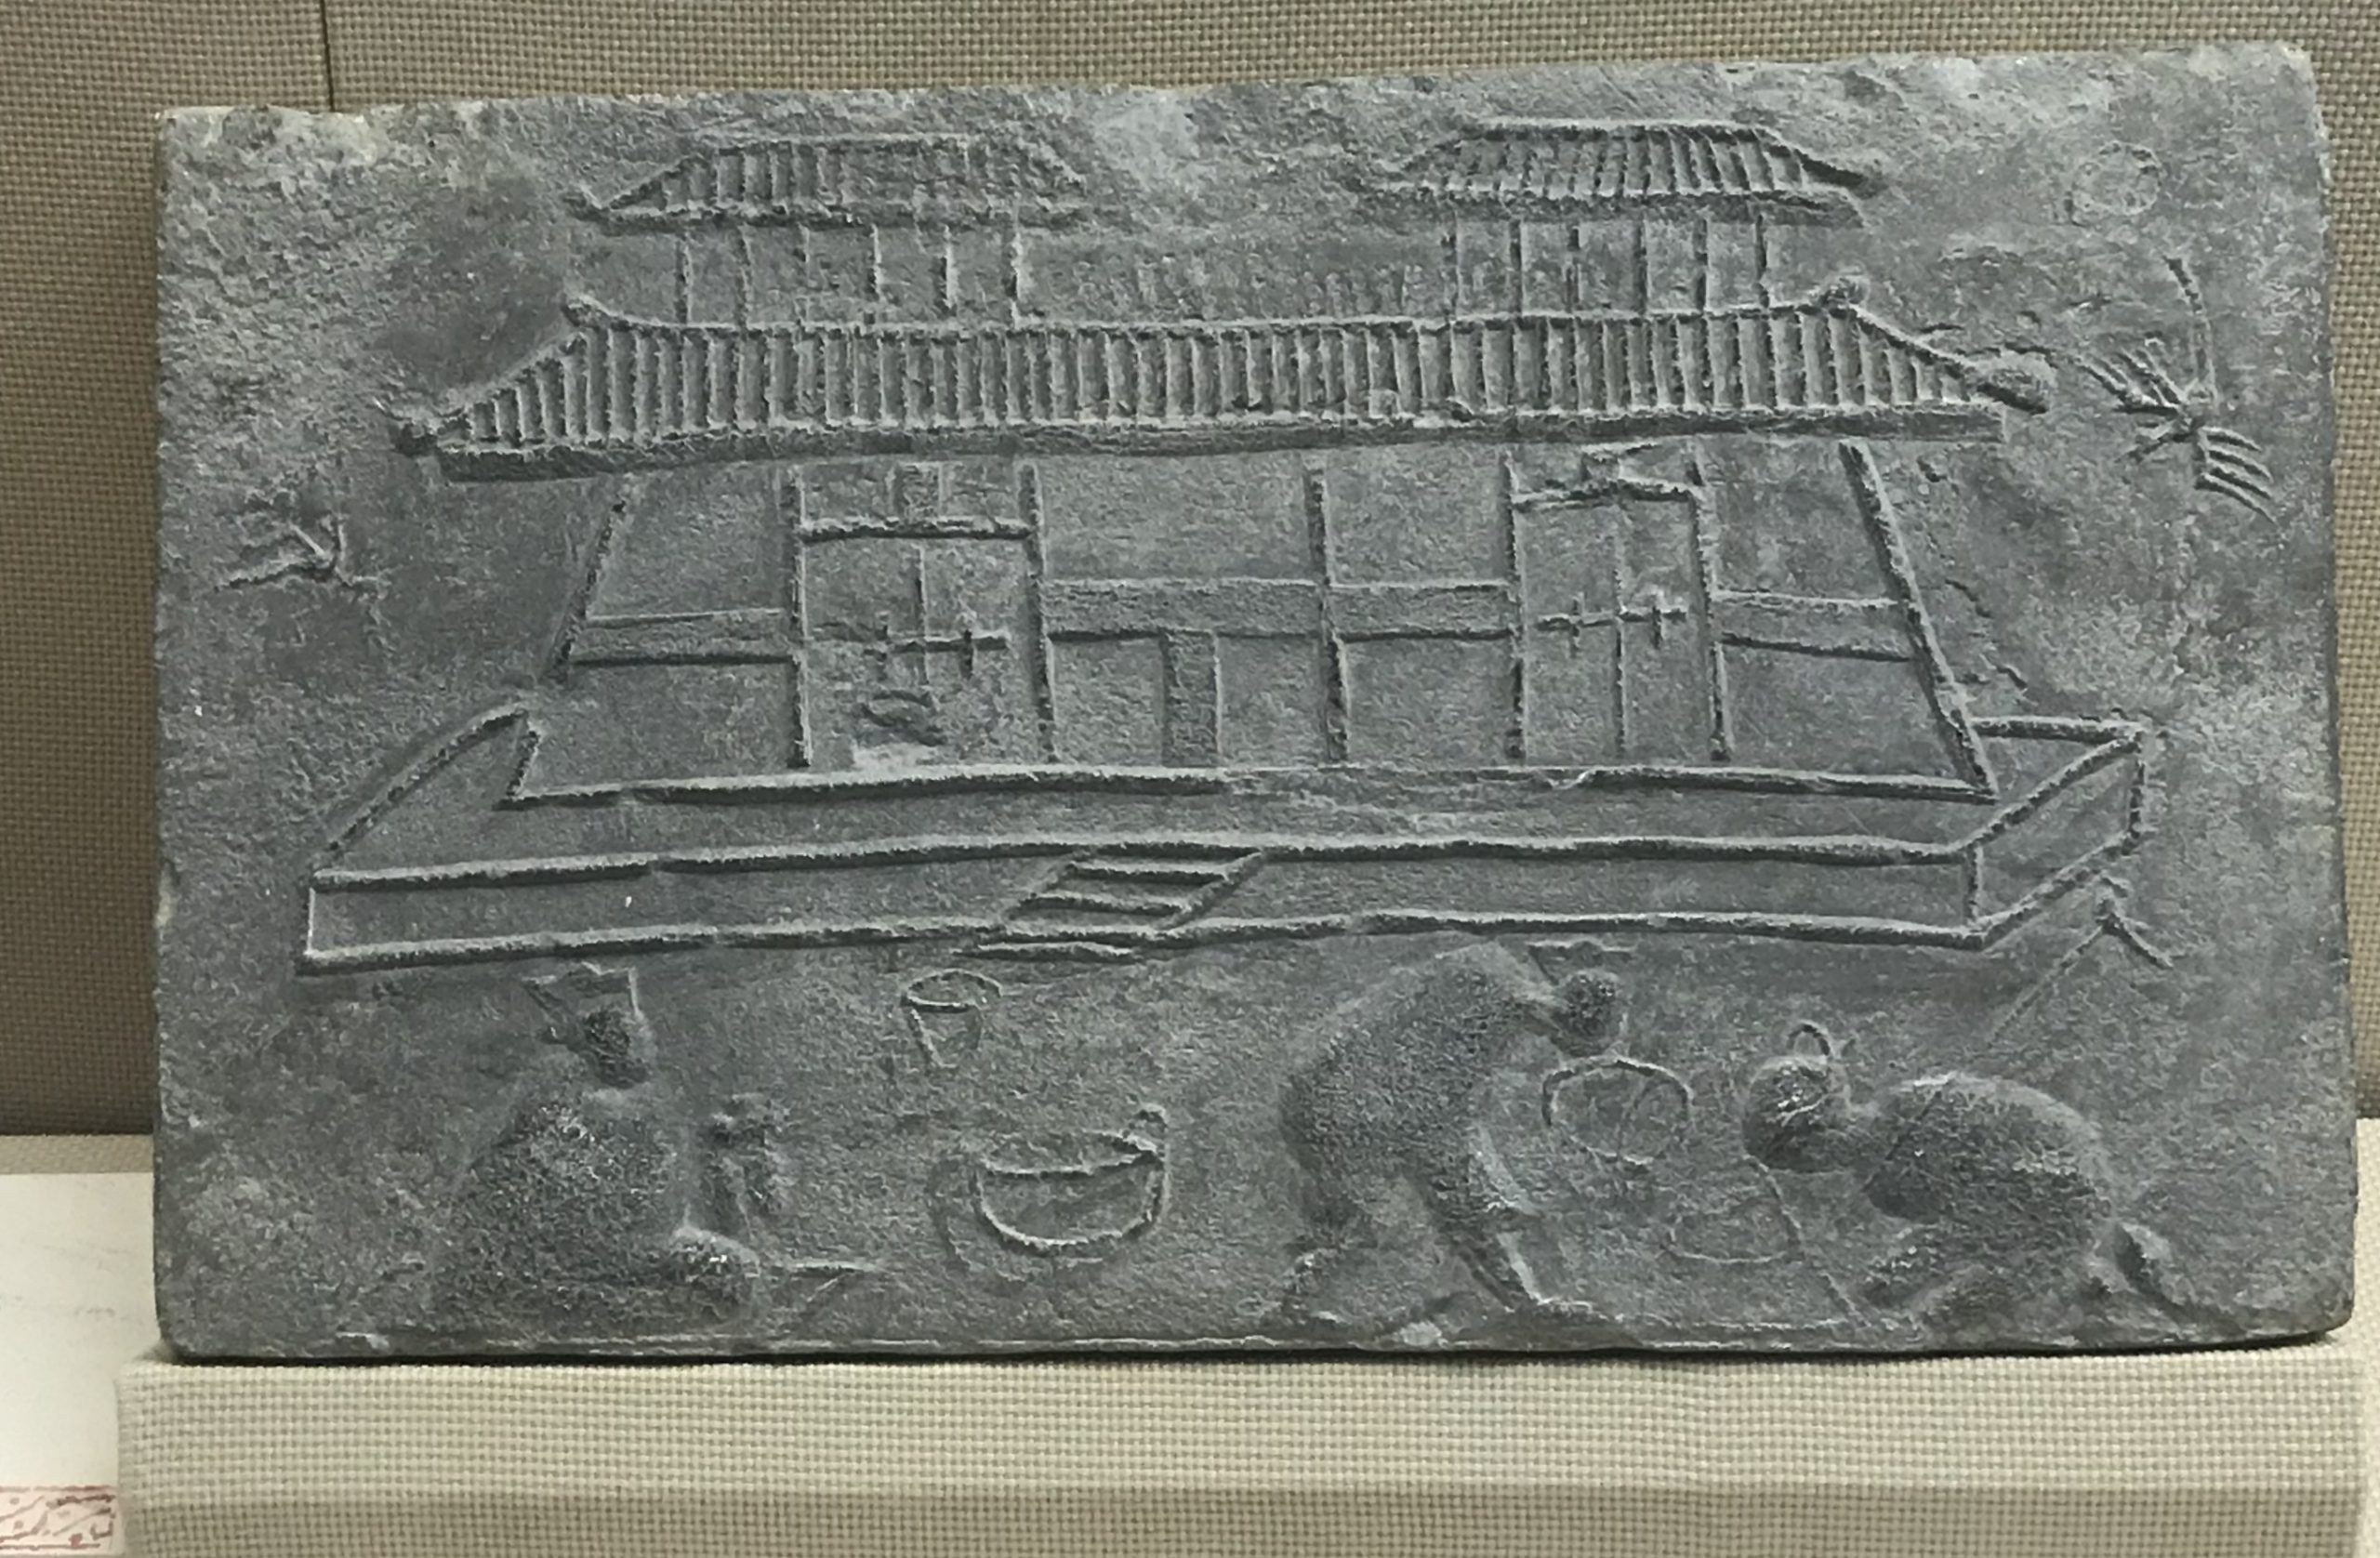 養老画像レンガ-東漢- 彭州市太平出土-四川漢代陶石芸術館-四川博物院-成都